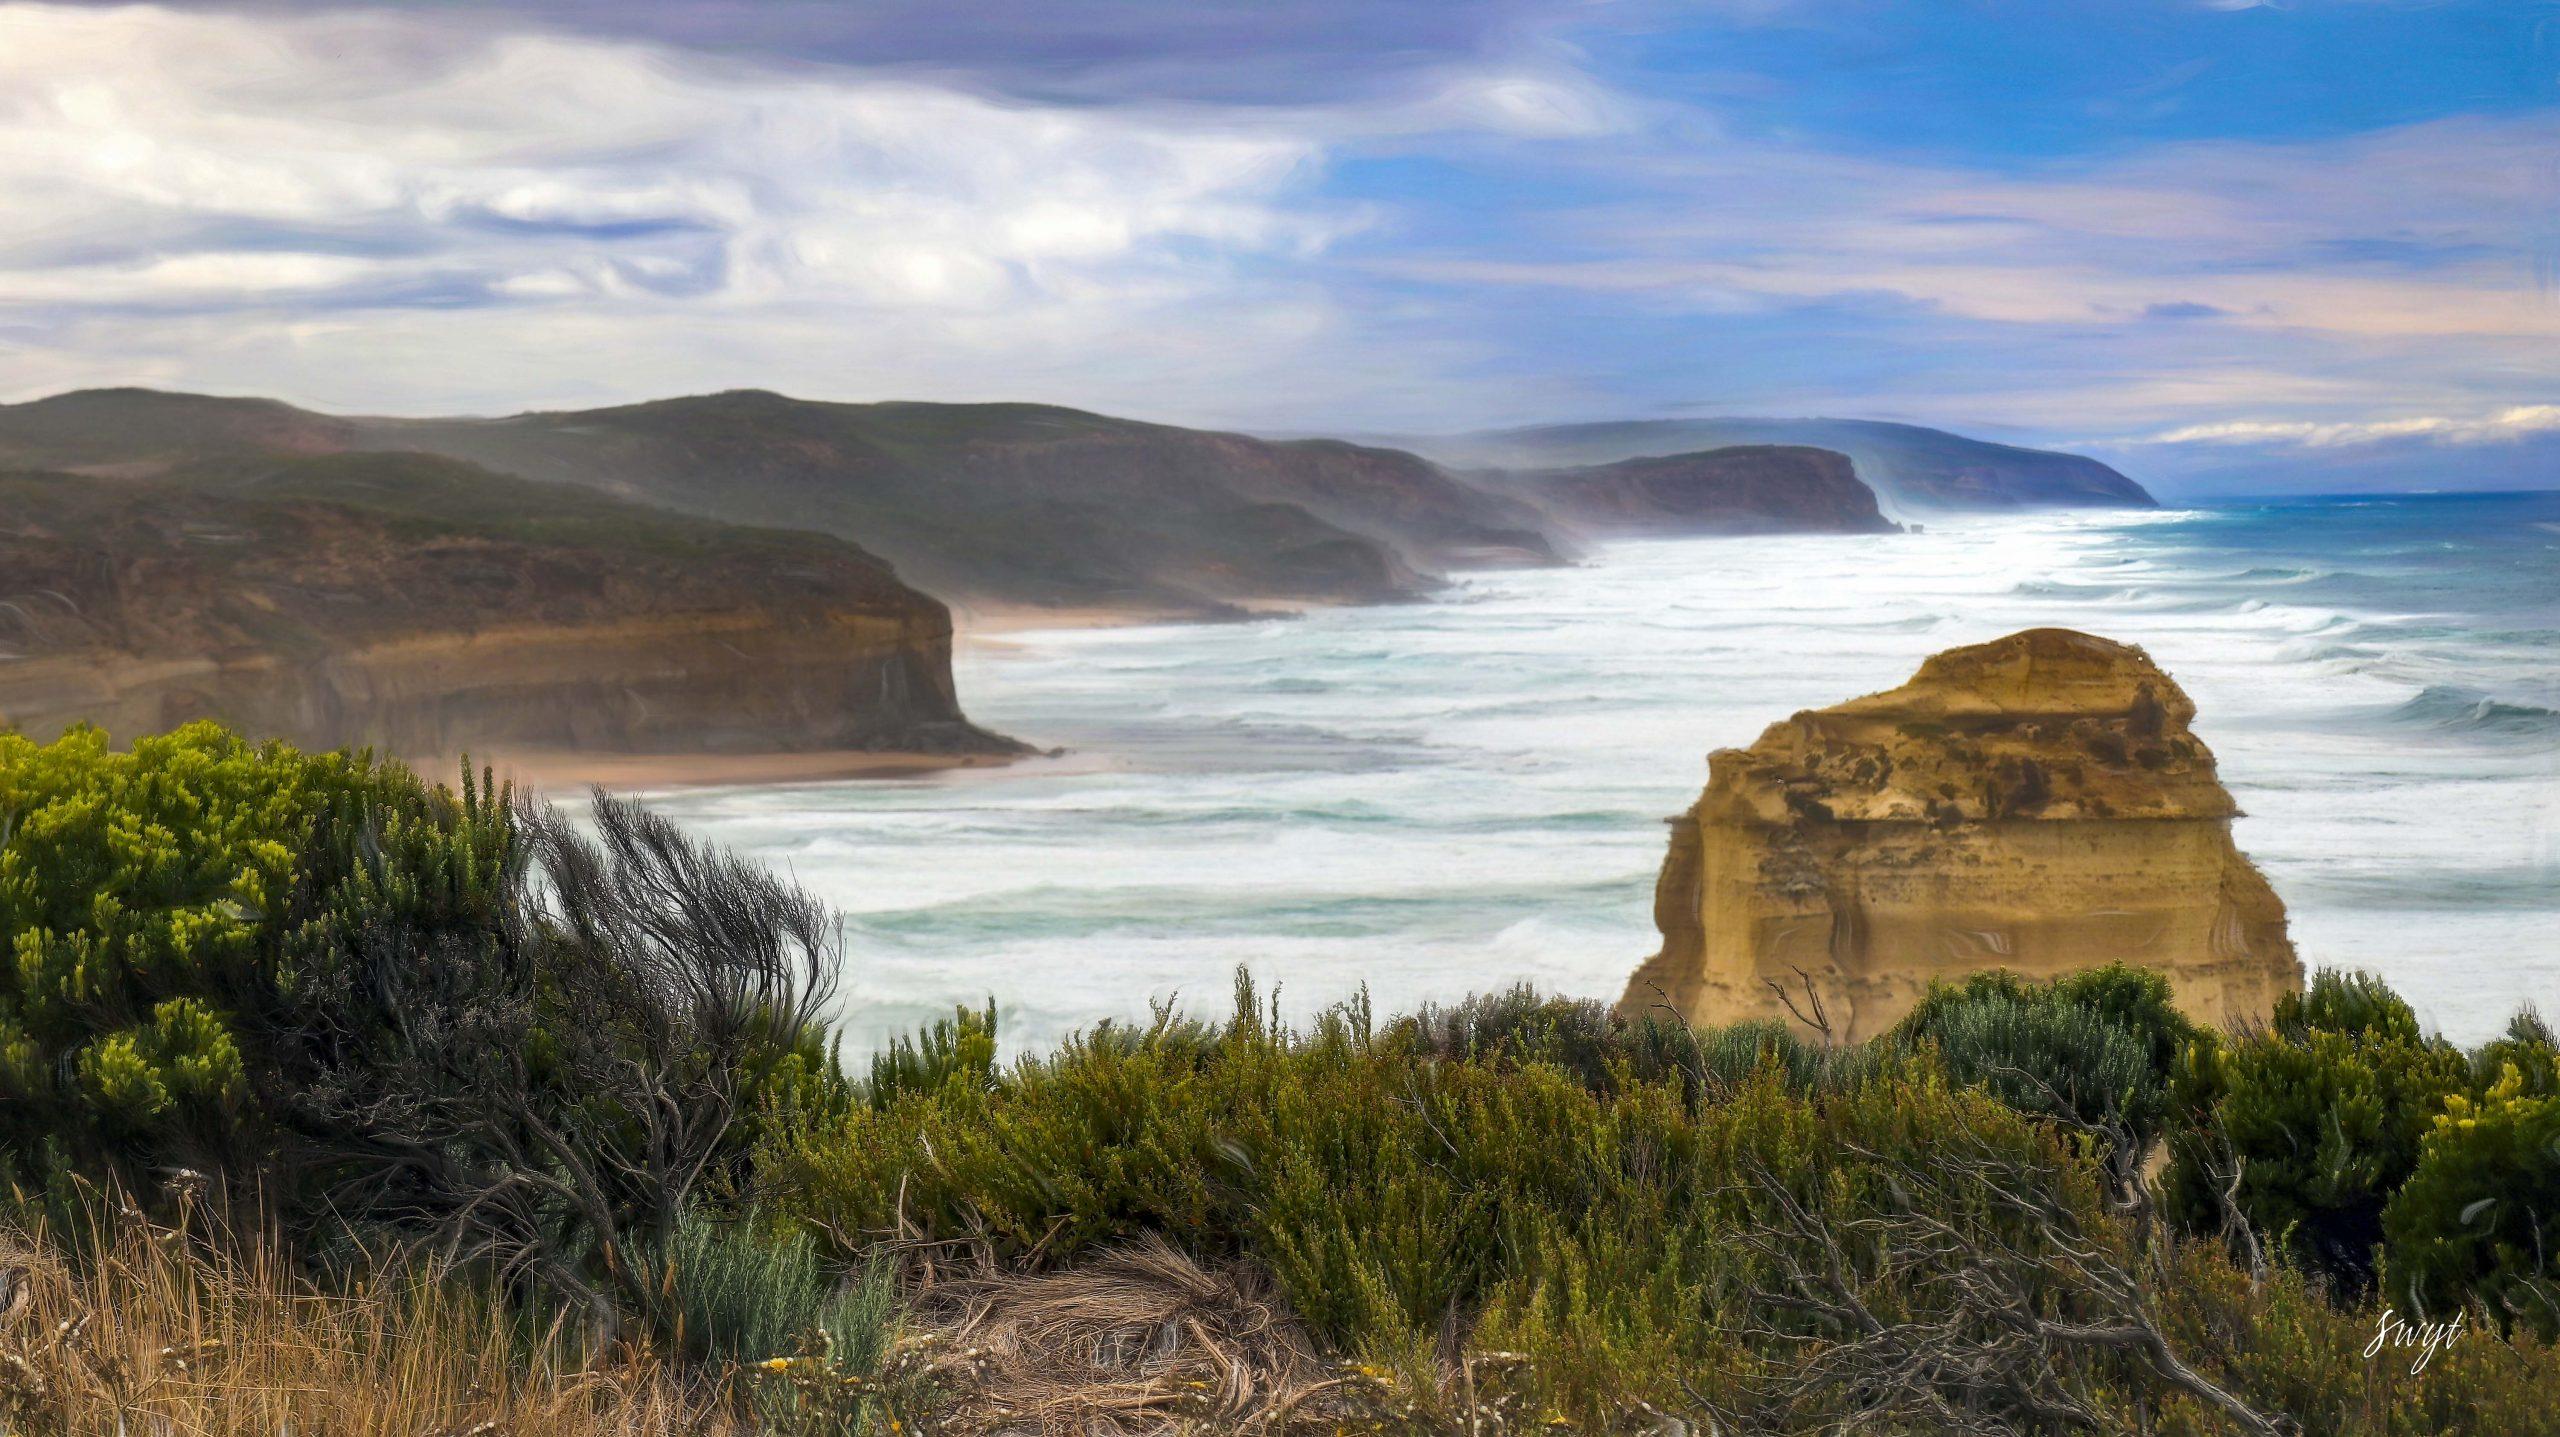 Southern Ocean at Gibson Beach, Australia